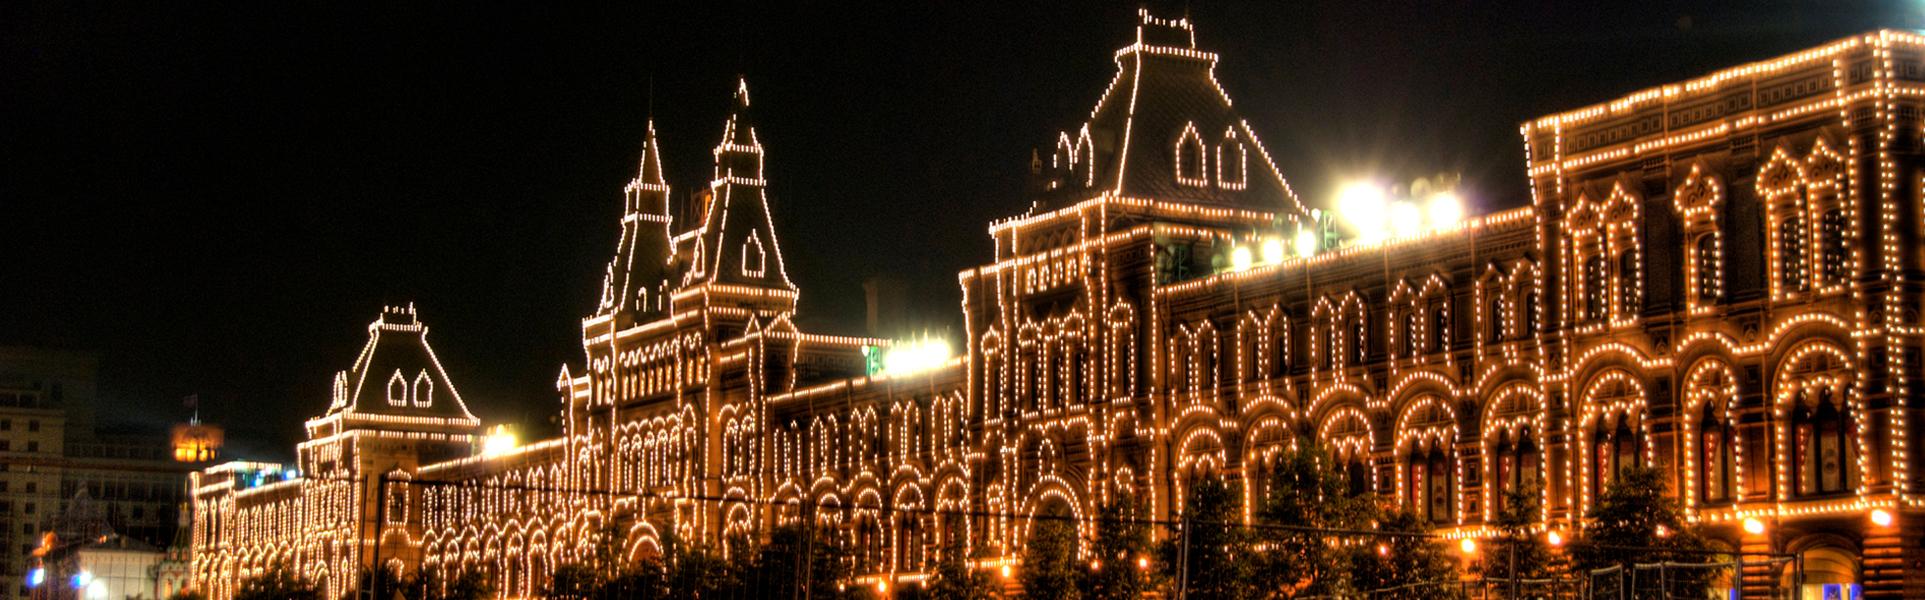 russia-winter-festival-blog